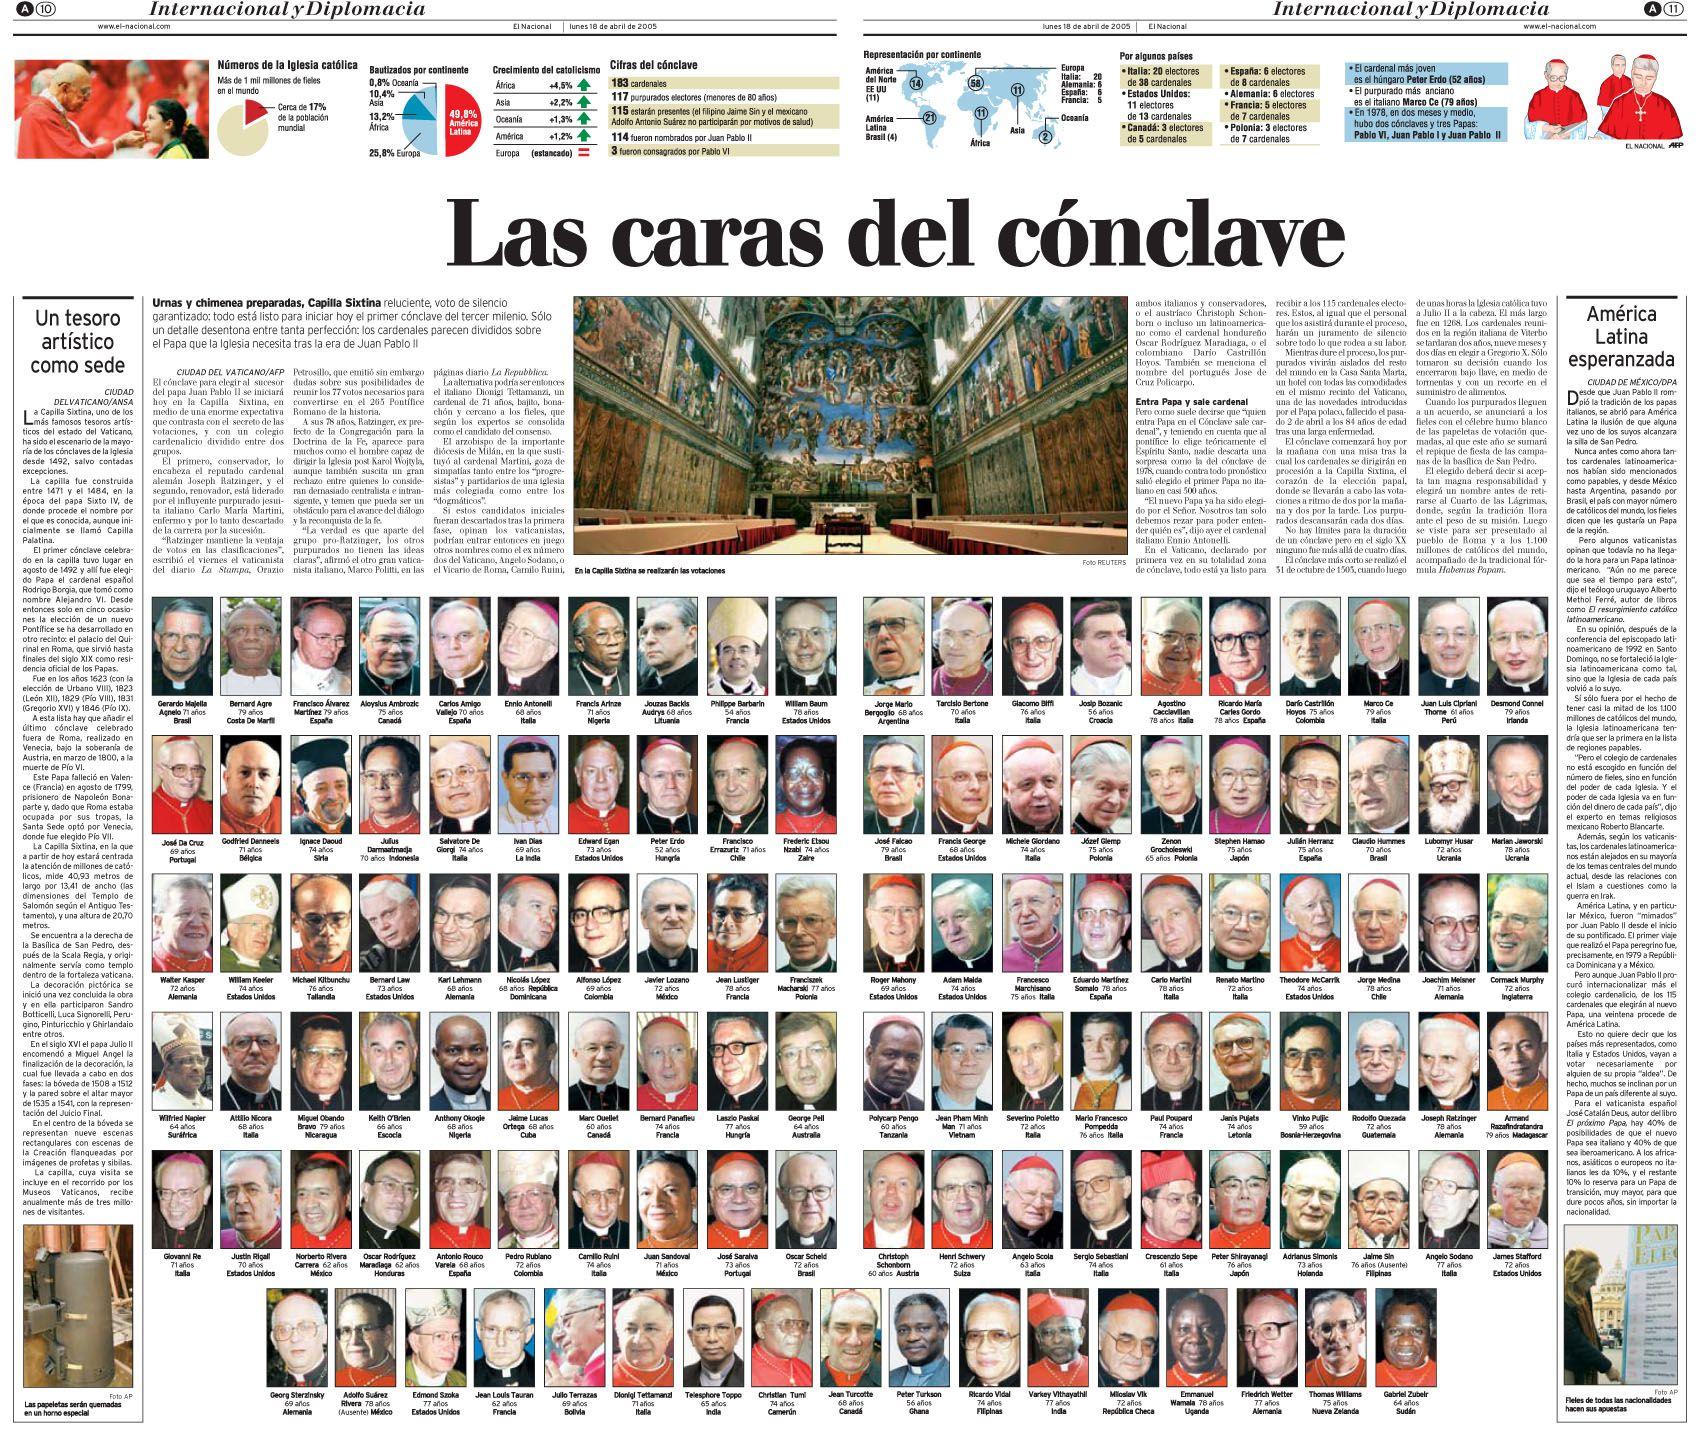 Inicio del cónclave para escoger nuevo Papa, en esa ocasión es electo Benedicto XVI. Publicado el 18 de abril de 2005.